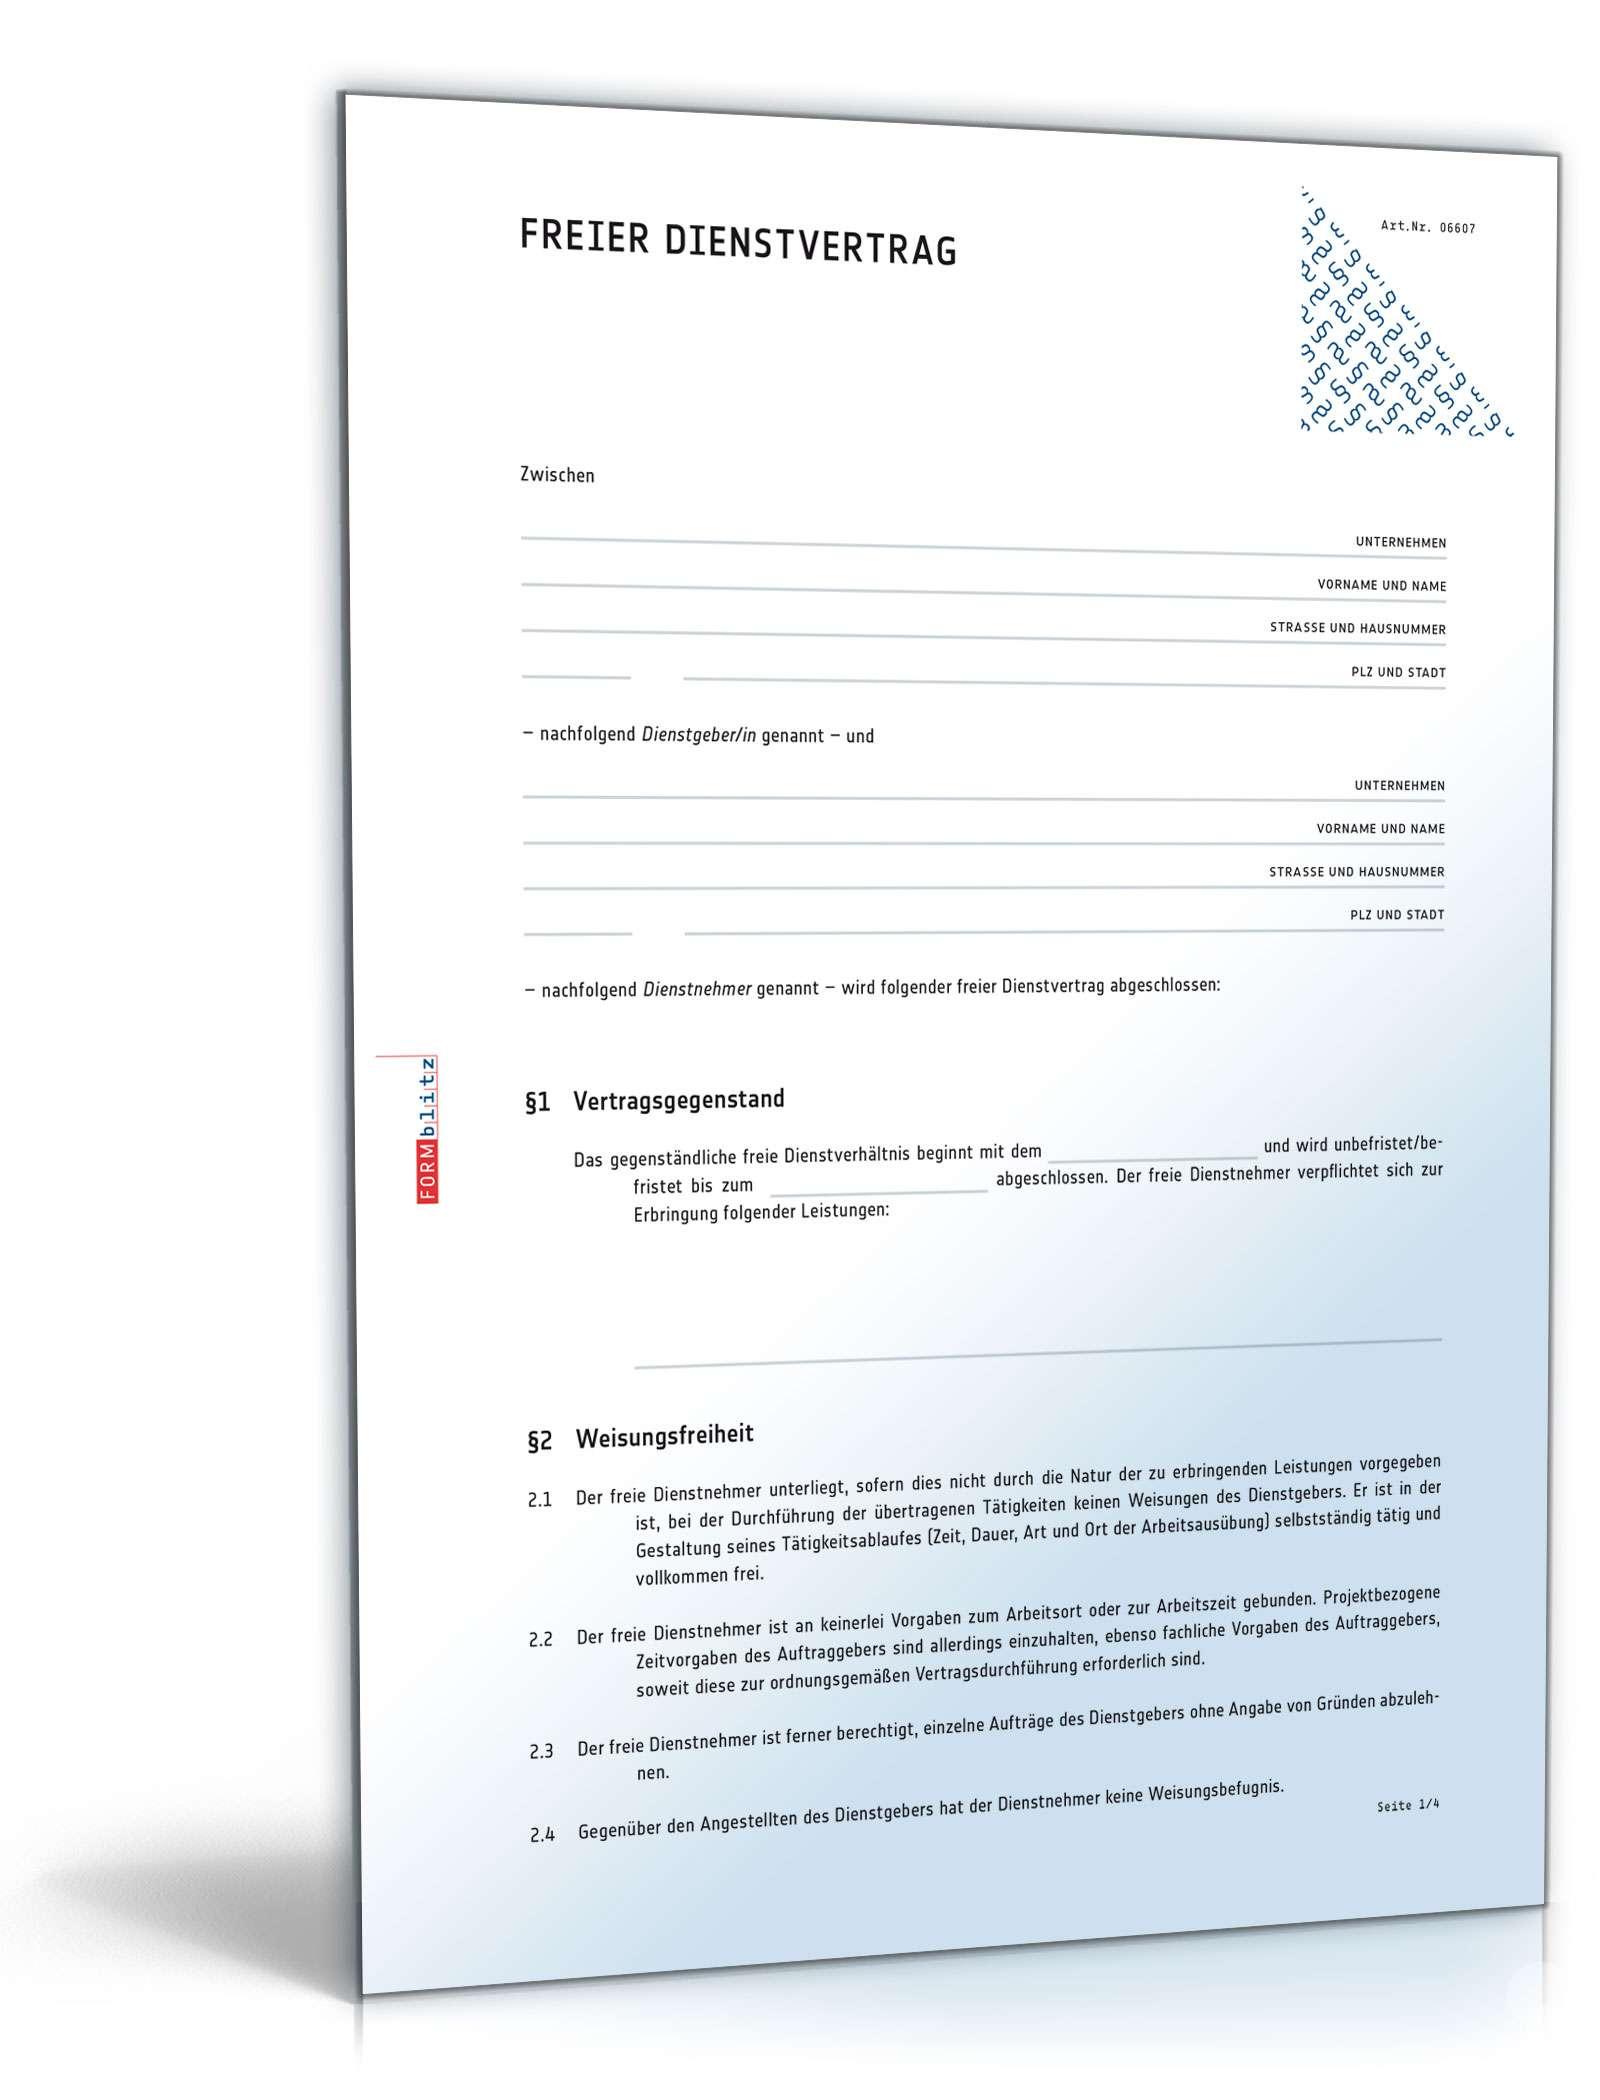 Freier Dienstvertrag Muster Zum Download